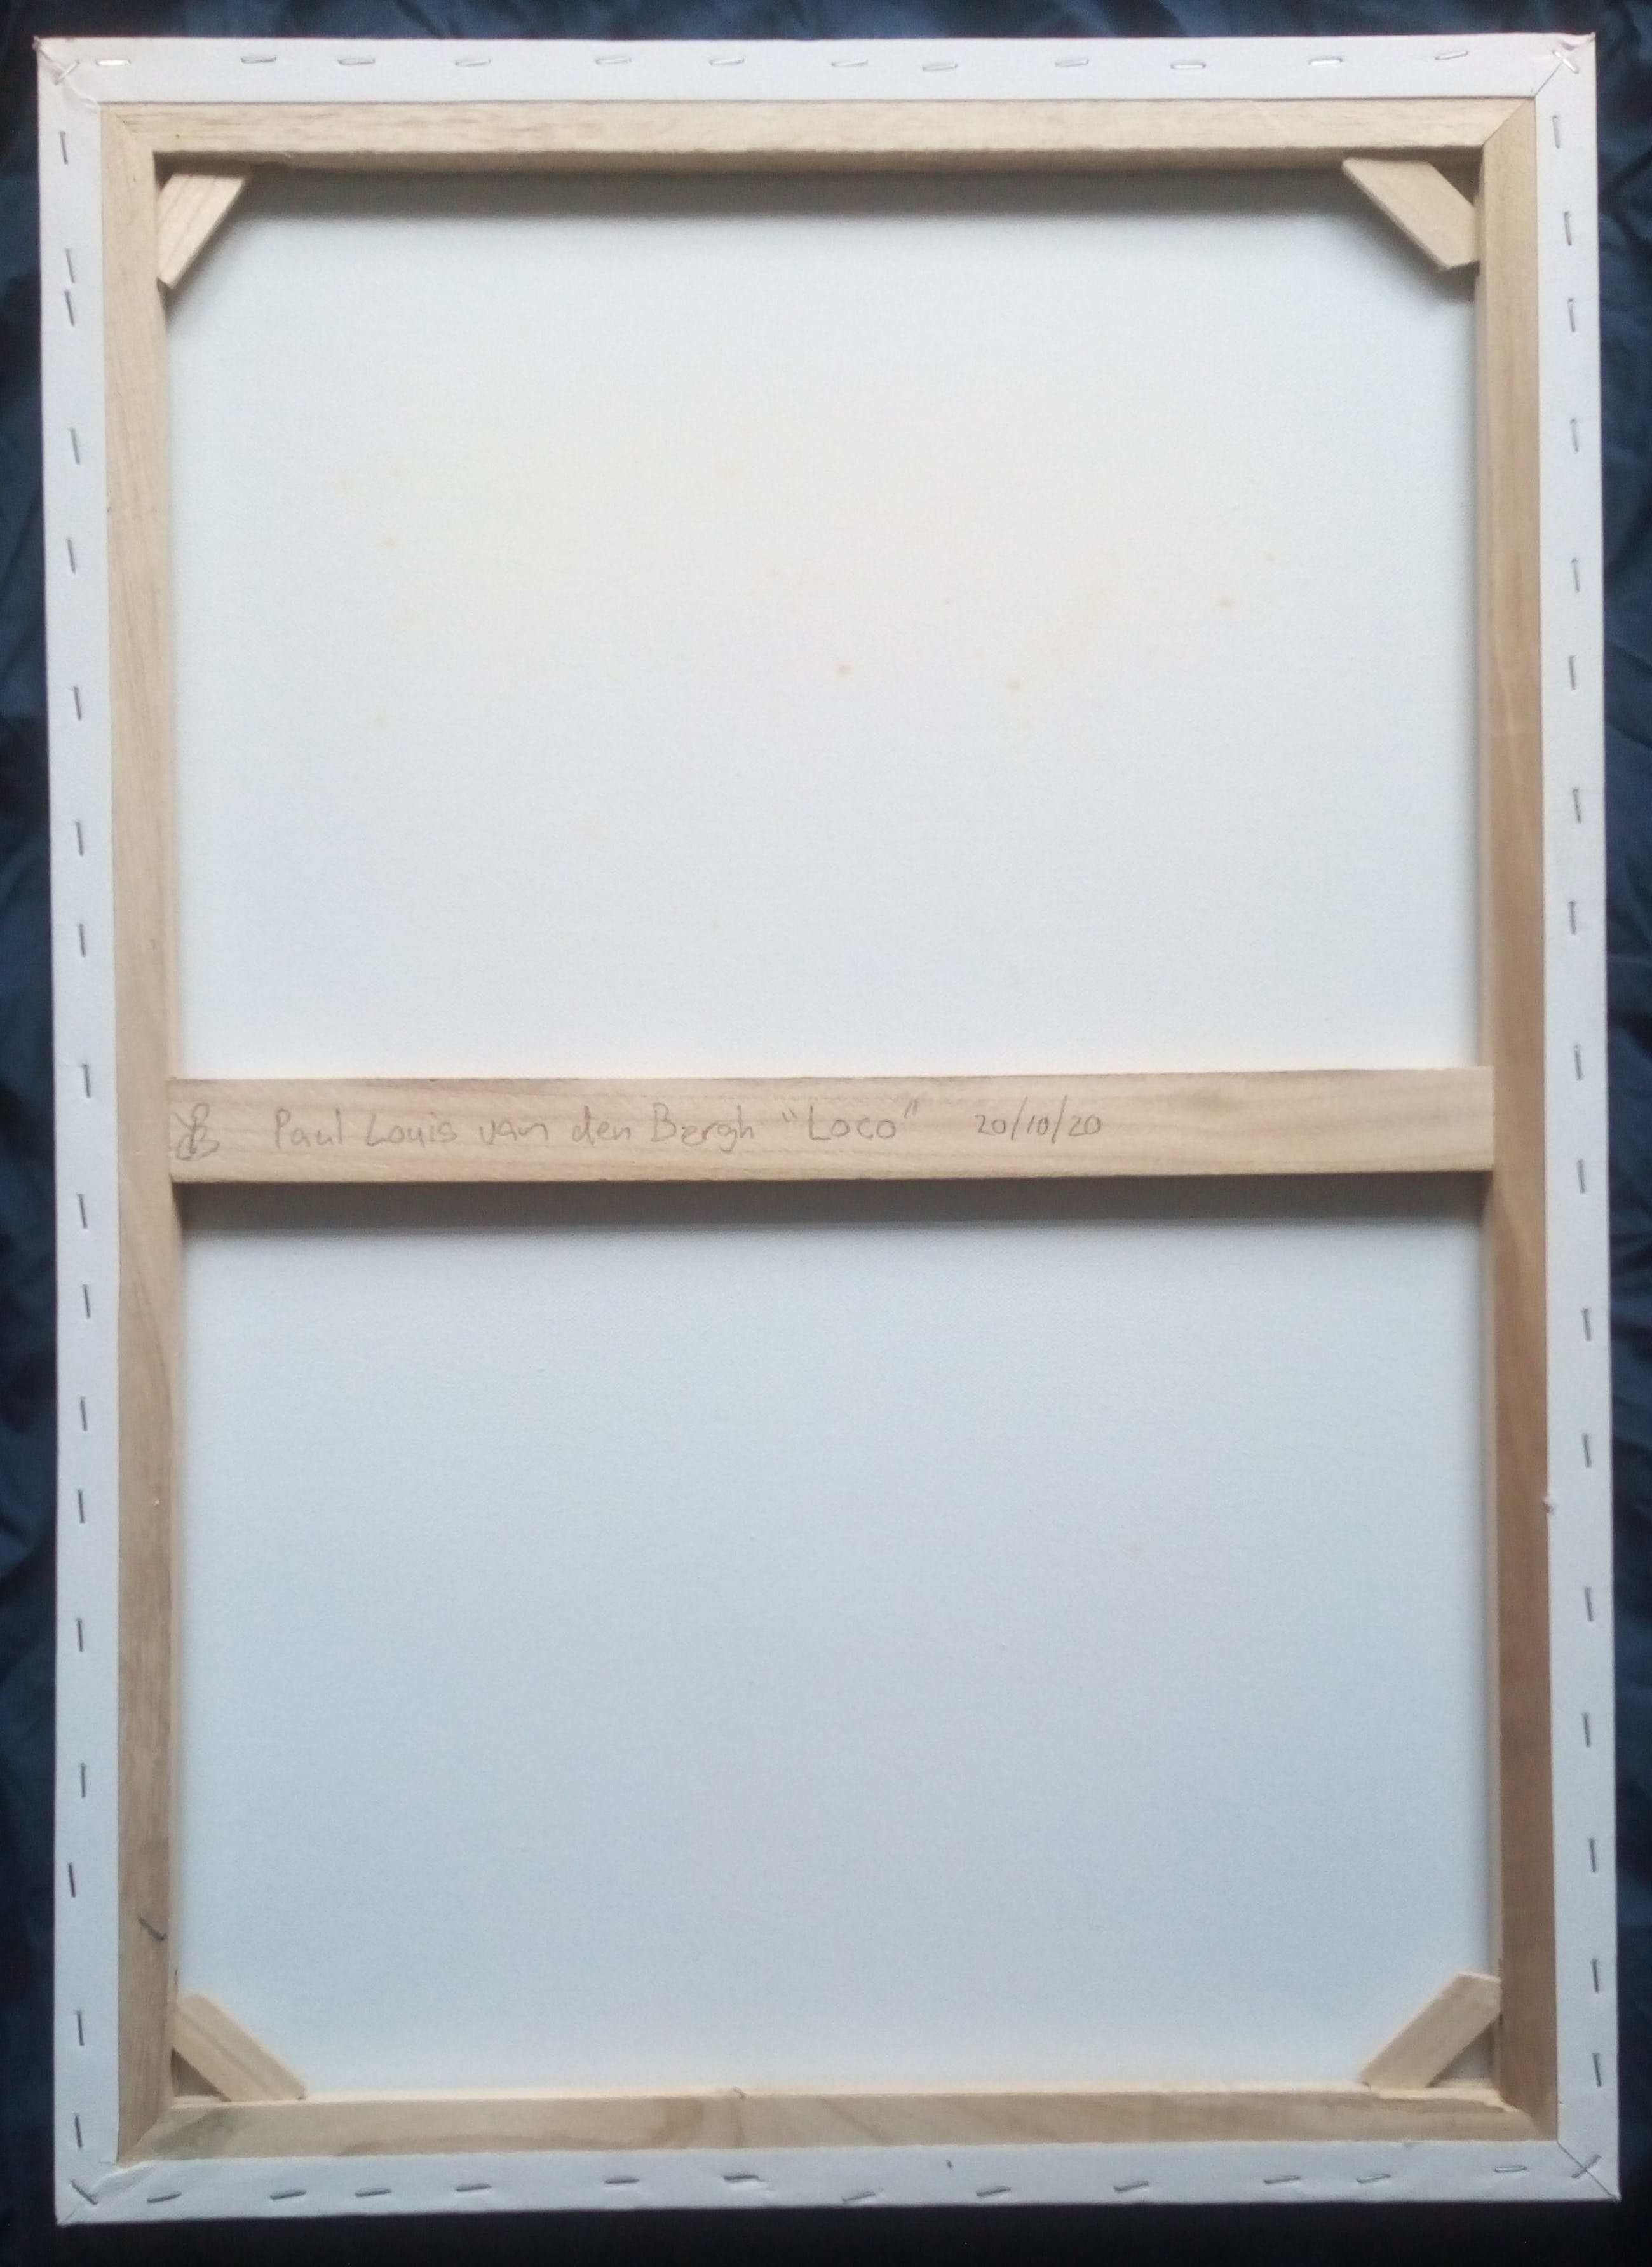 """Paul Louis Van Den Bergh - Gemengde Techniek op Canvas - """"Loco"""" - Gesigneerd kopen? Bied vanaf 90!"""